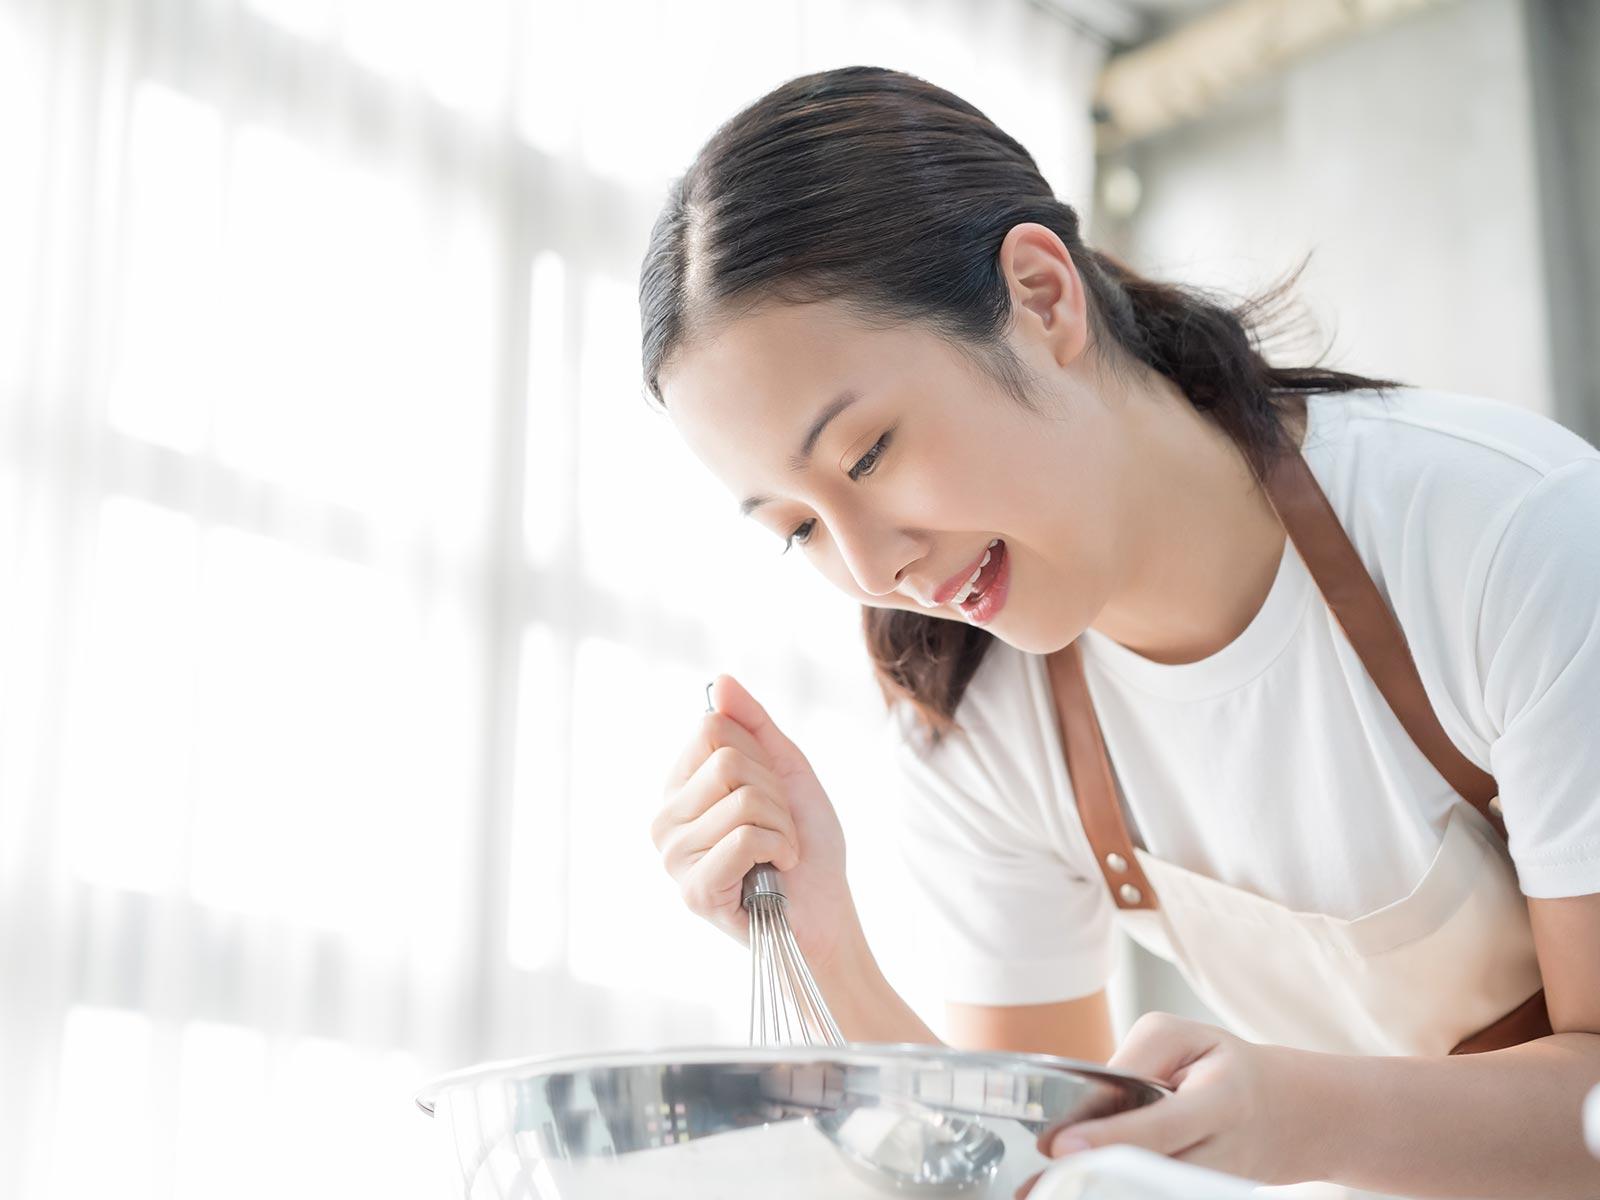 春を快適に過ごす、ストレス発散方法:料理にこだわってみる